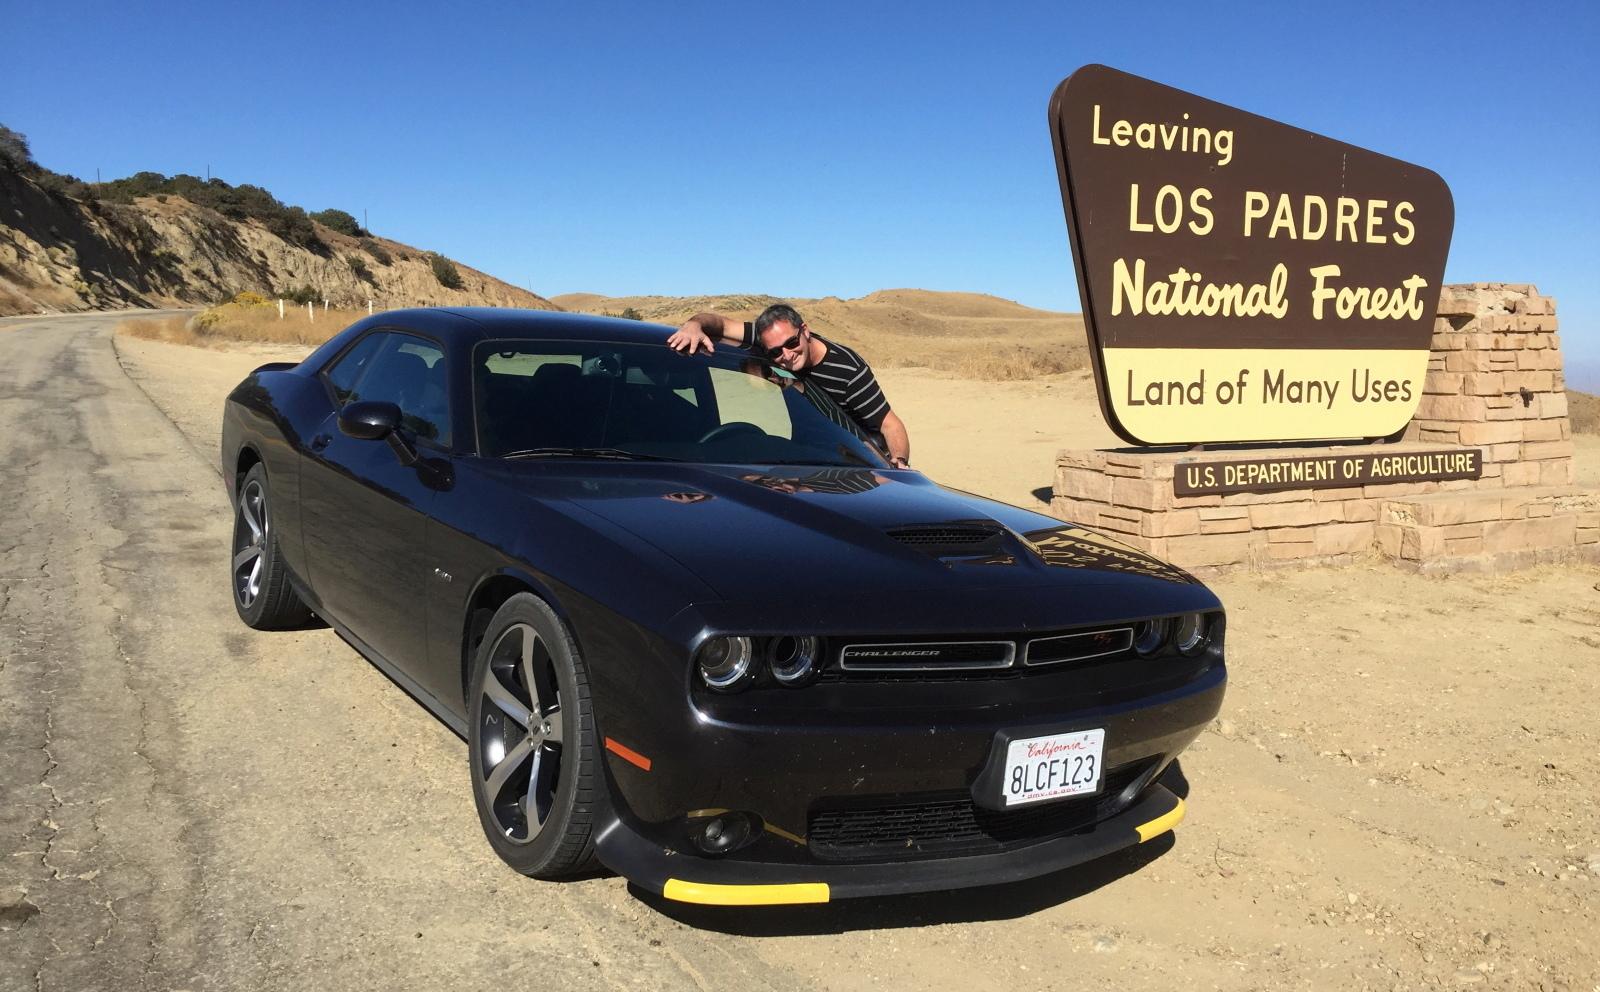 Road Trip / Ouest des USA en Challenger de location -Part II Imgpk249